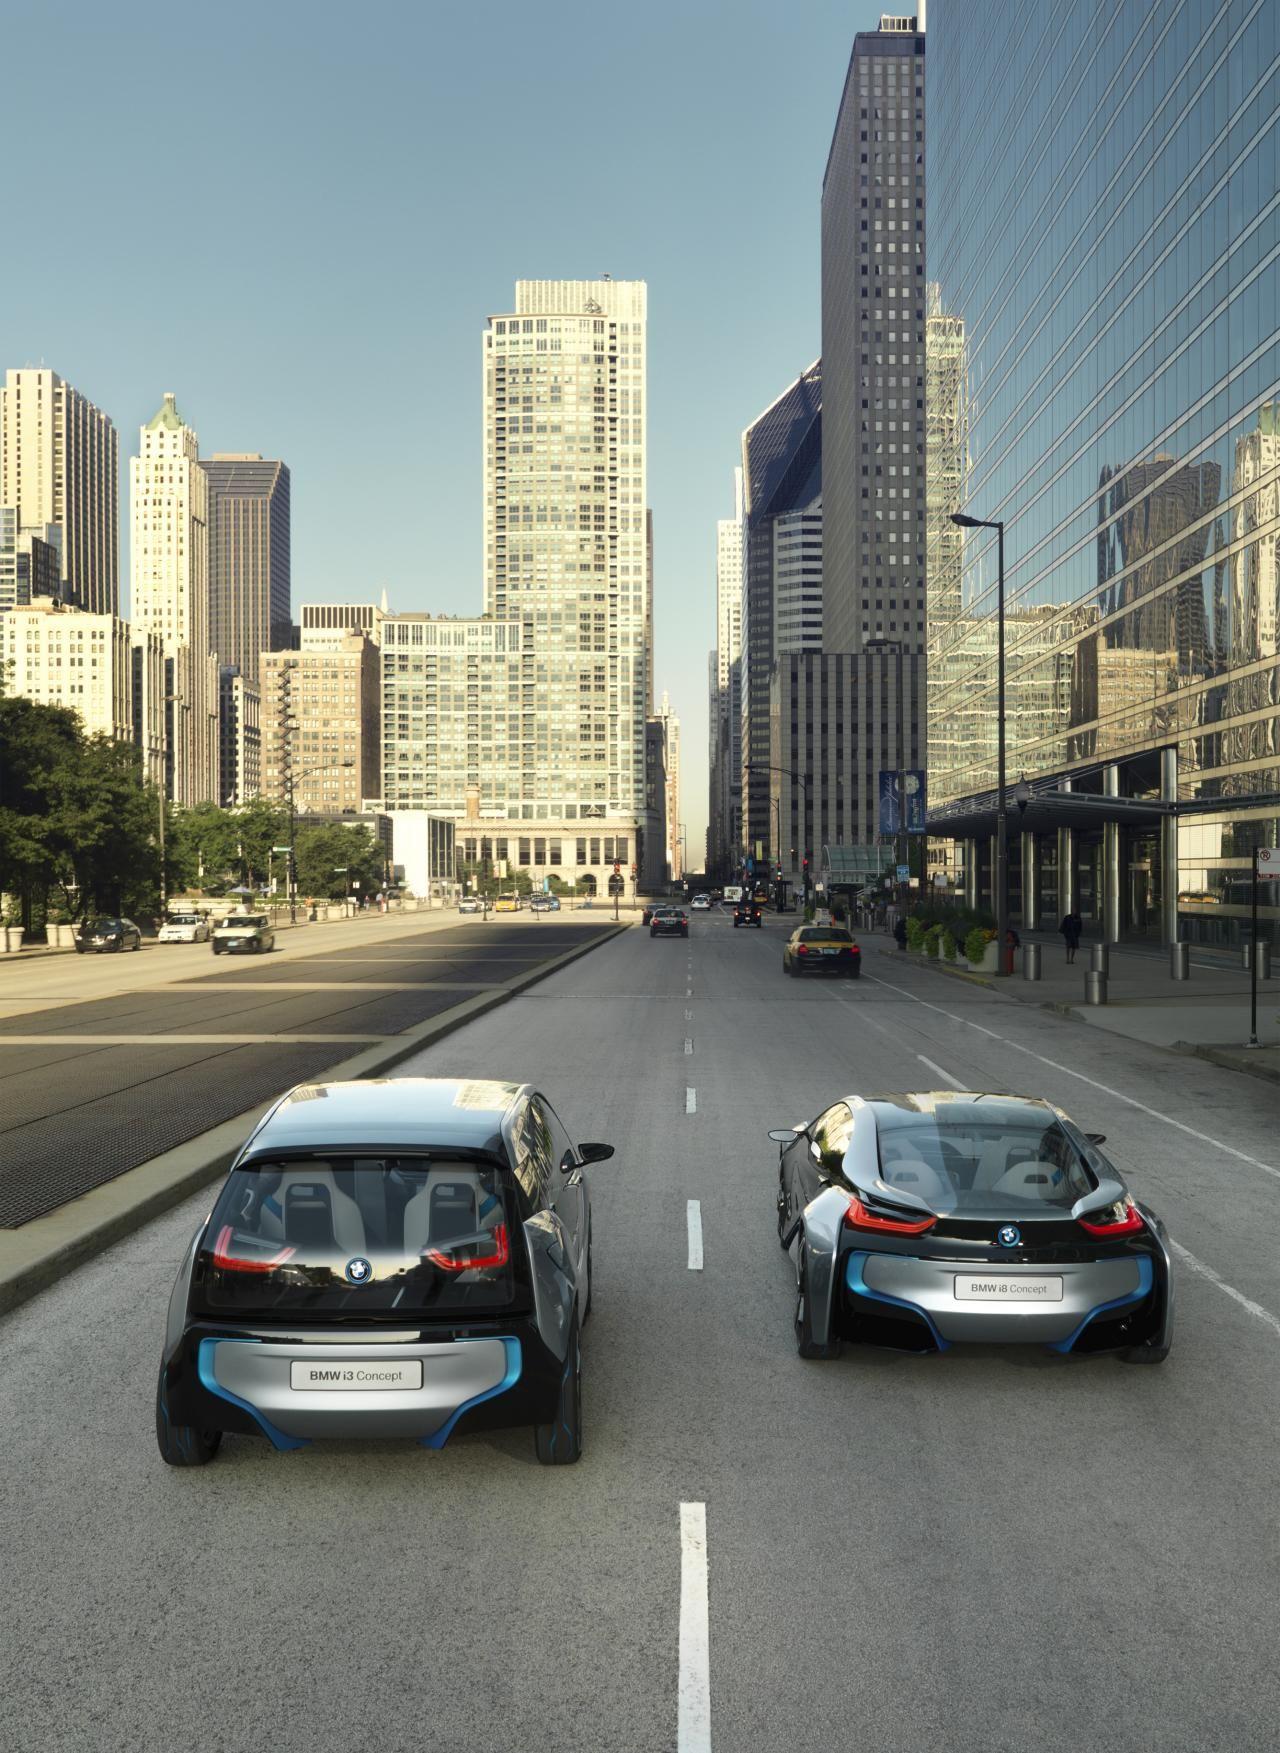 2011 BMW i3 Concept   BMW   Pinterest   Bmw i3, BMW and Cars